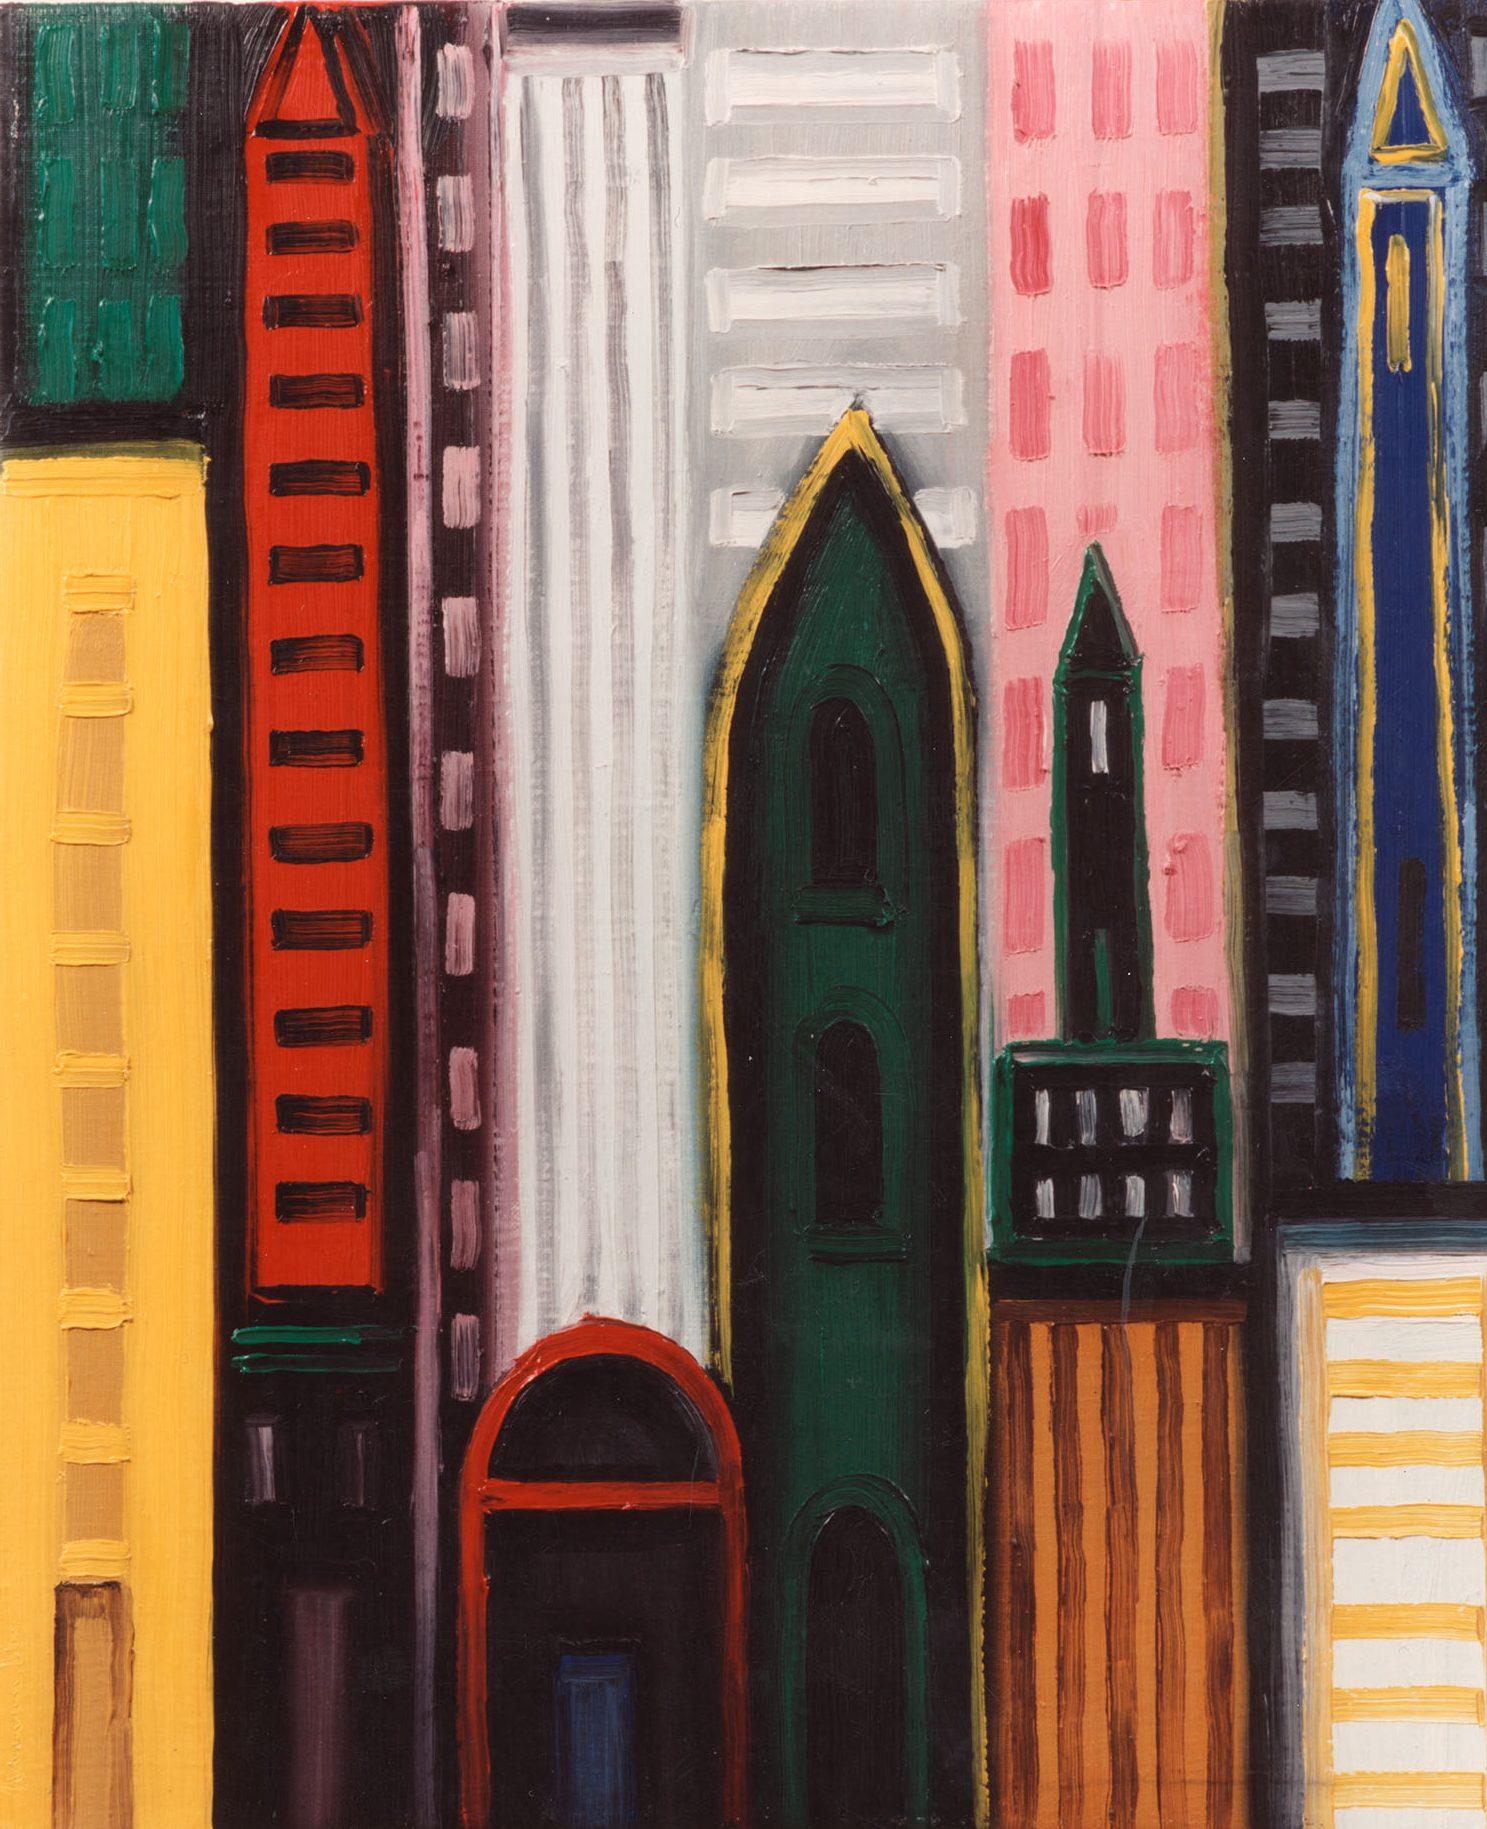 New York, 1992, oil on canvas, cm 55 x 46